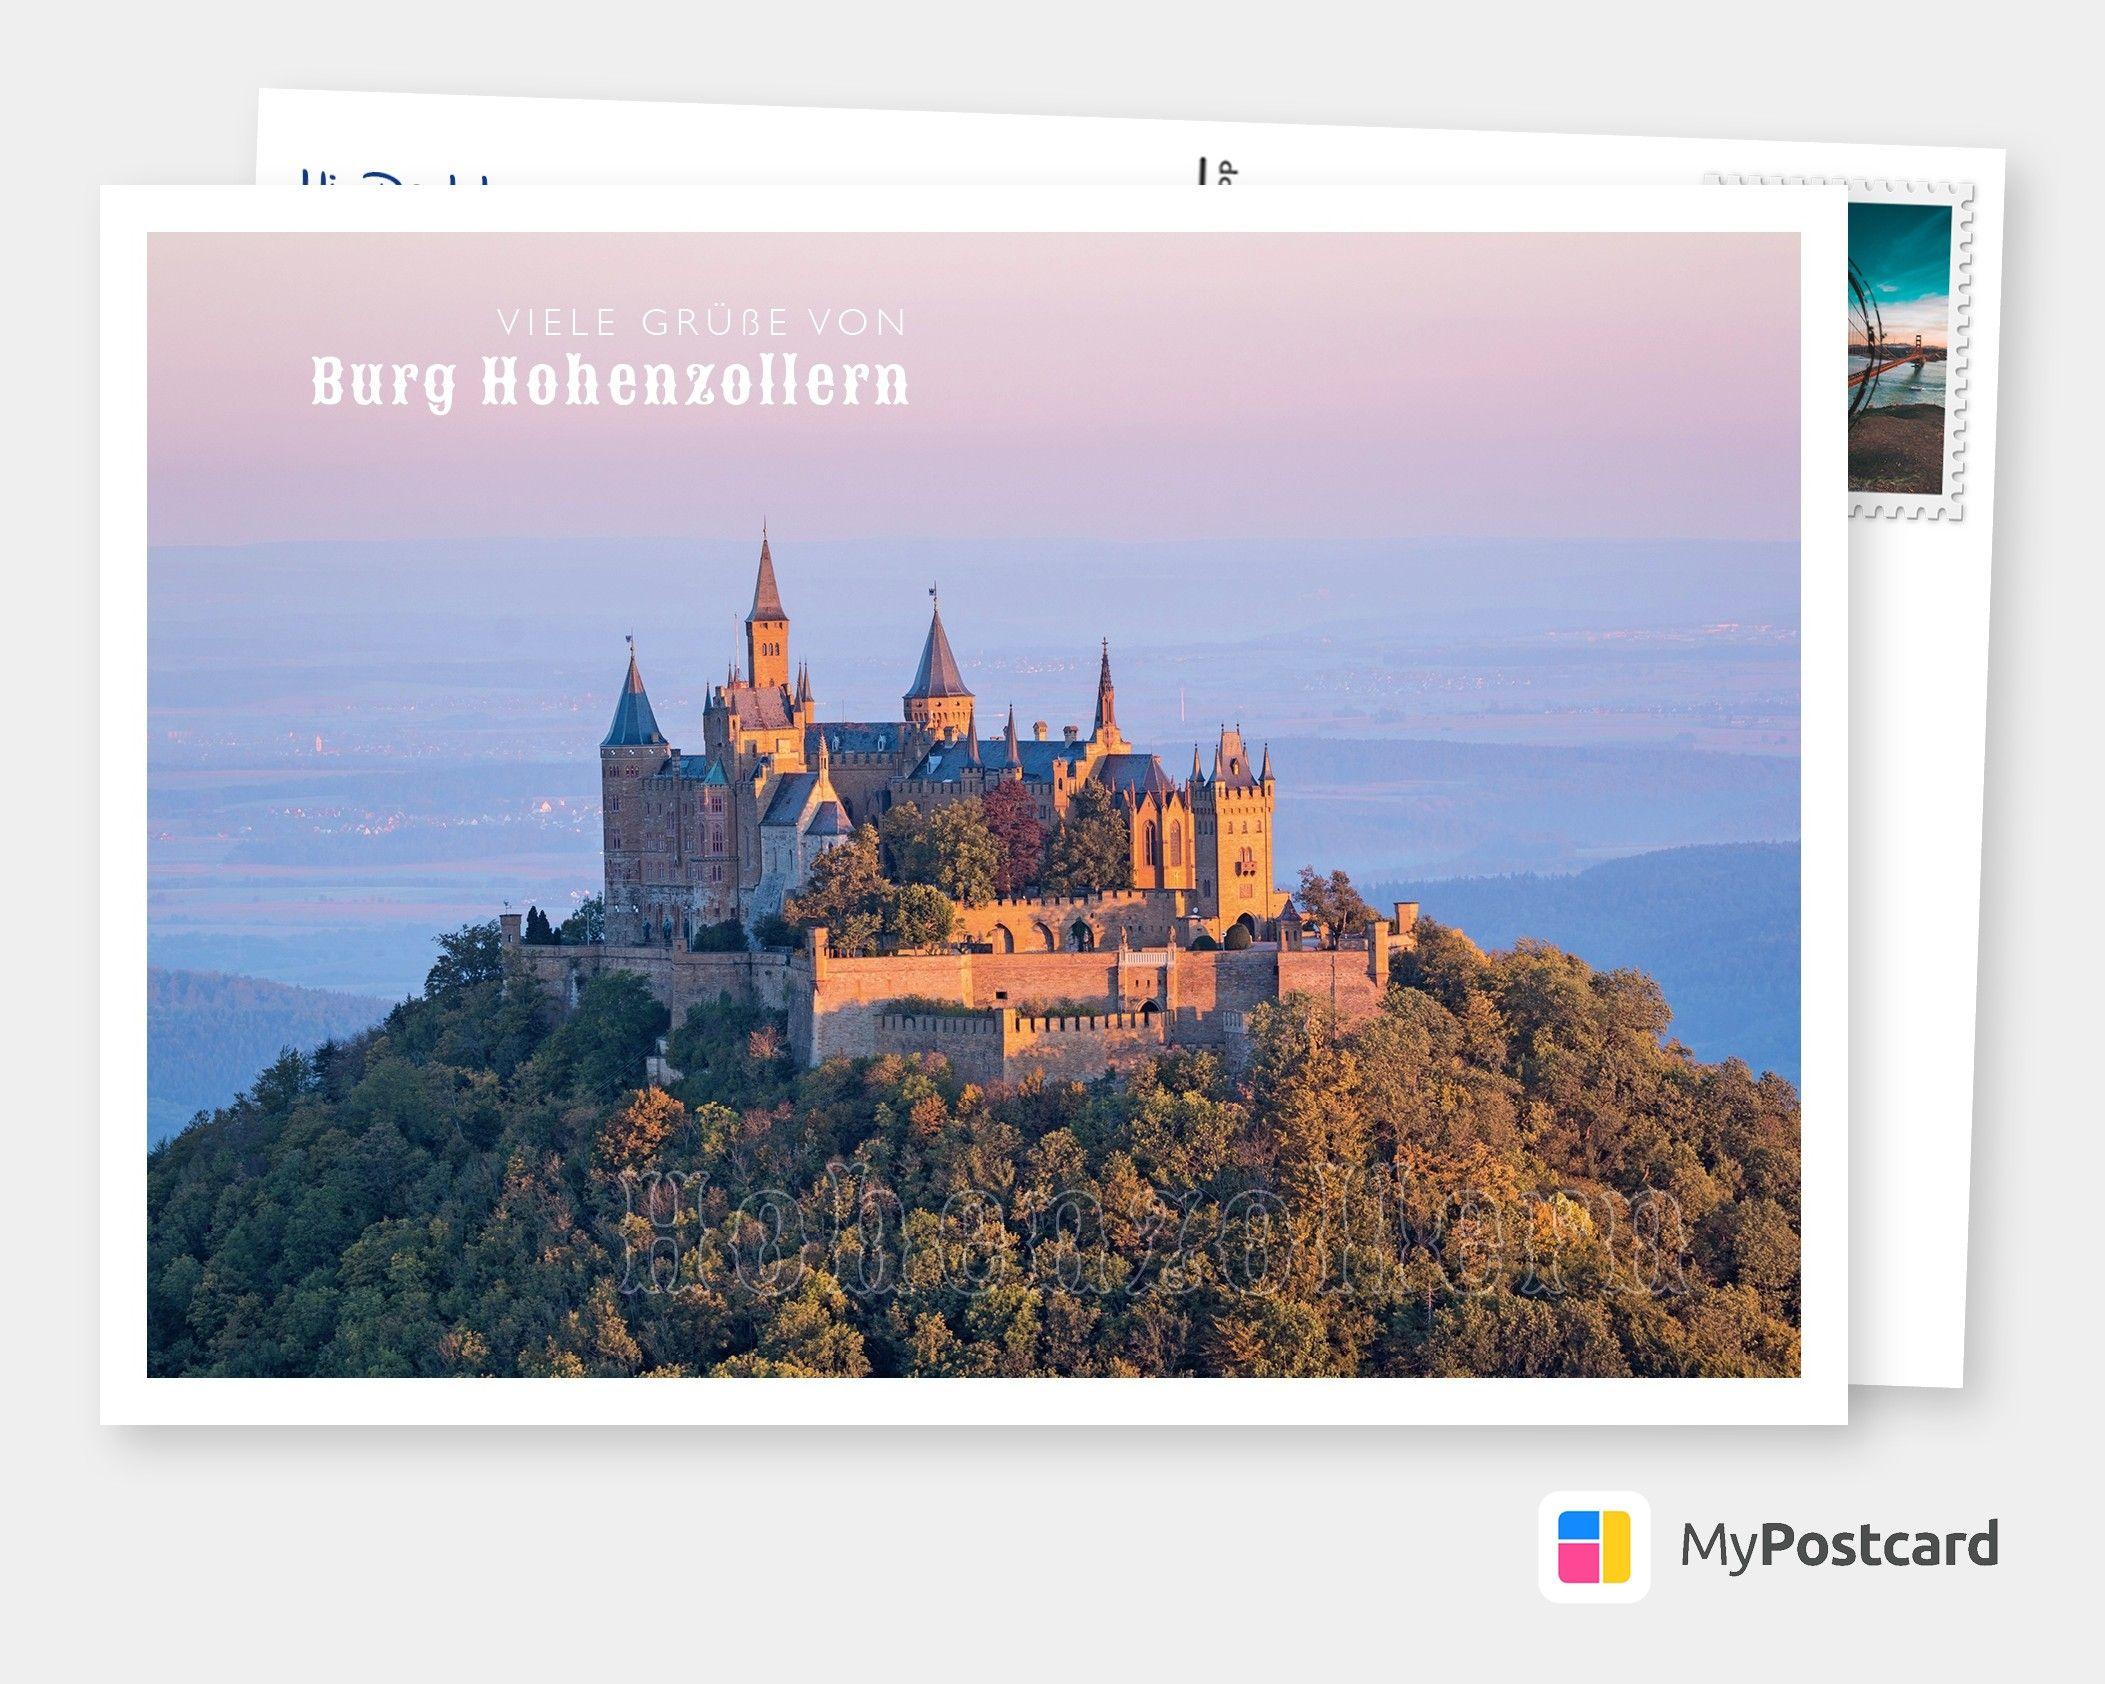 Burg Hohenzollern Urlaubsgrusse Und Spruche Echte Postkarten Online Versenden In 2020 Burg Screenshots